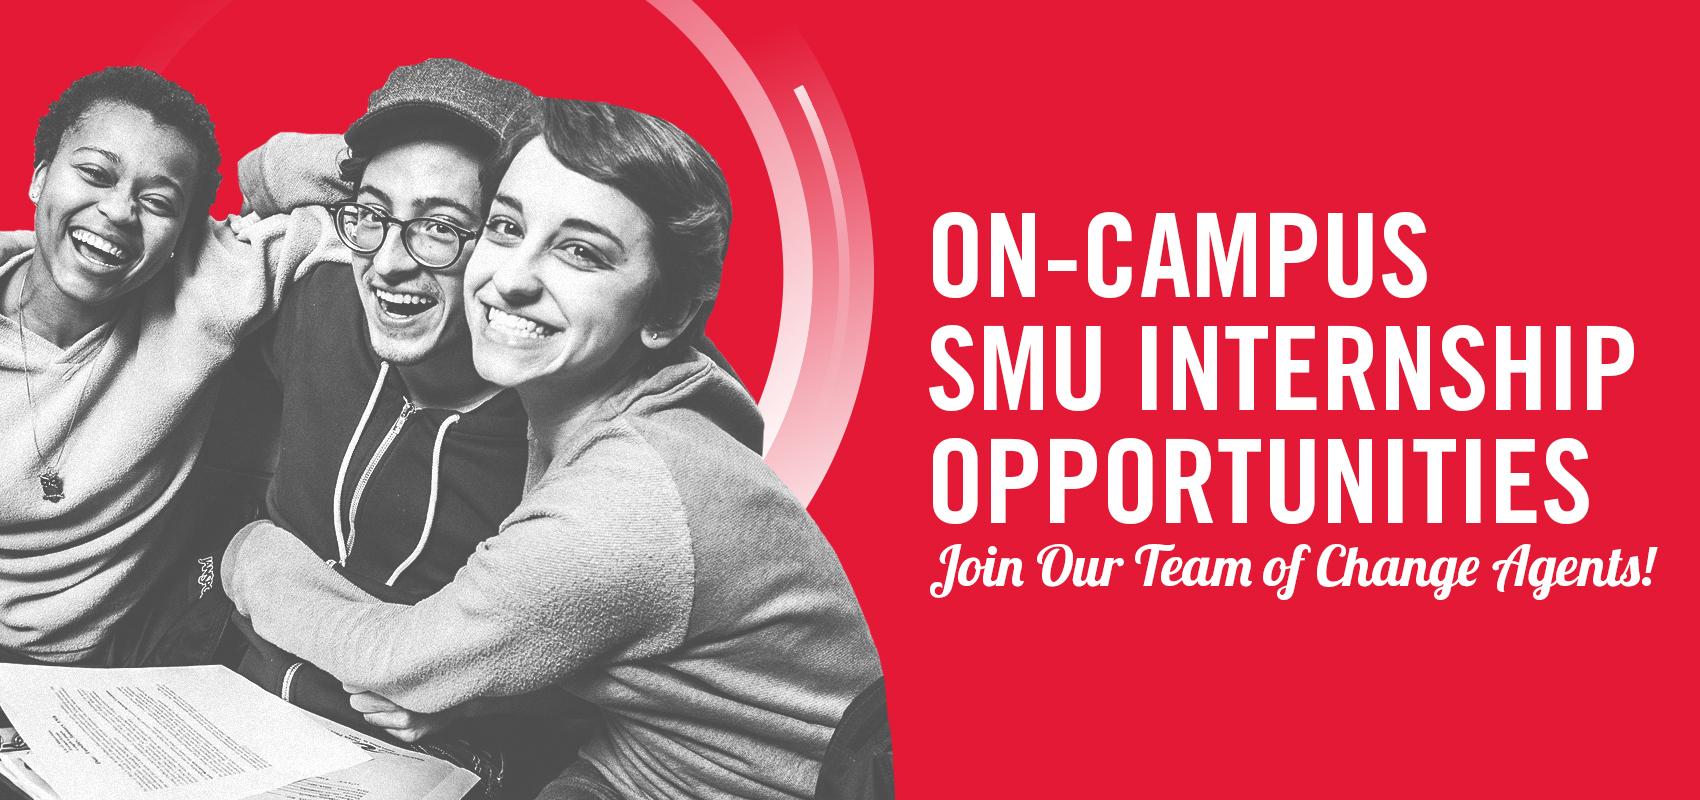 on campus smu internship opportunities